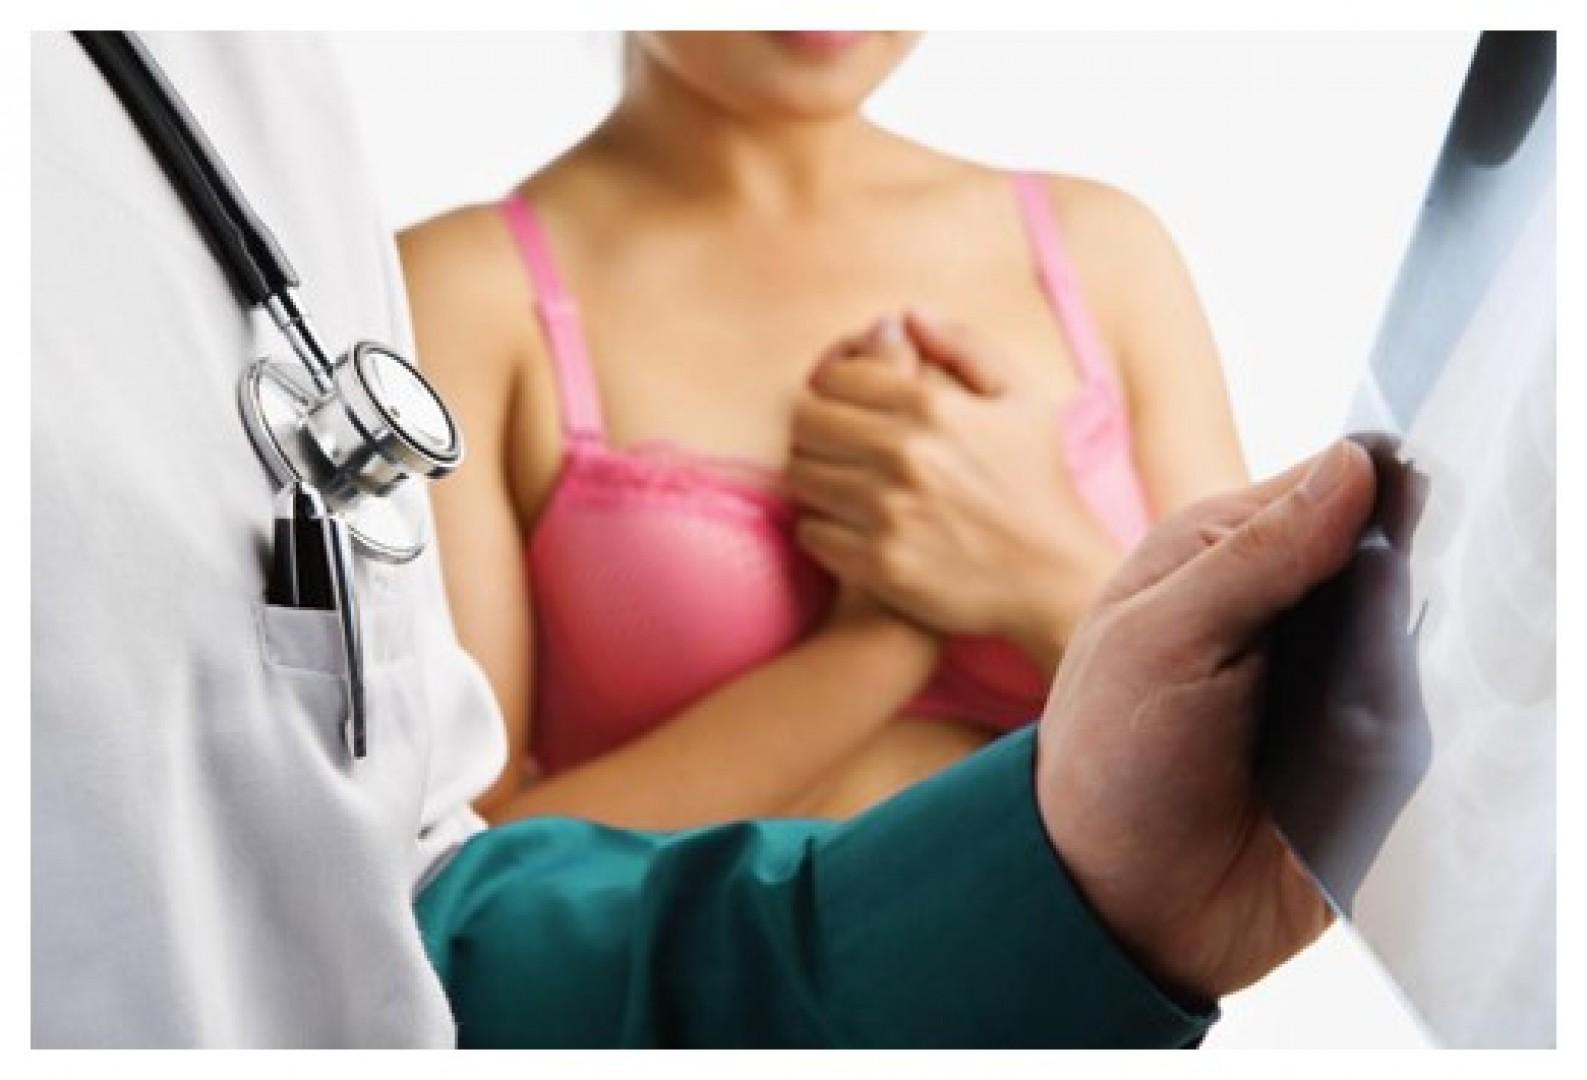 Ai dễ mắc bệnh ung thư khiến 16 chị em tử vong mỗi ngày? - Hình 1